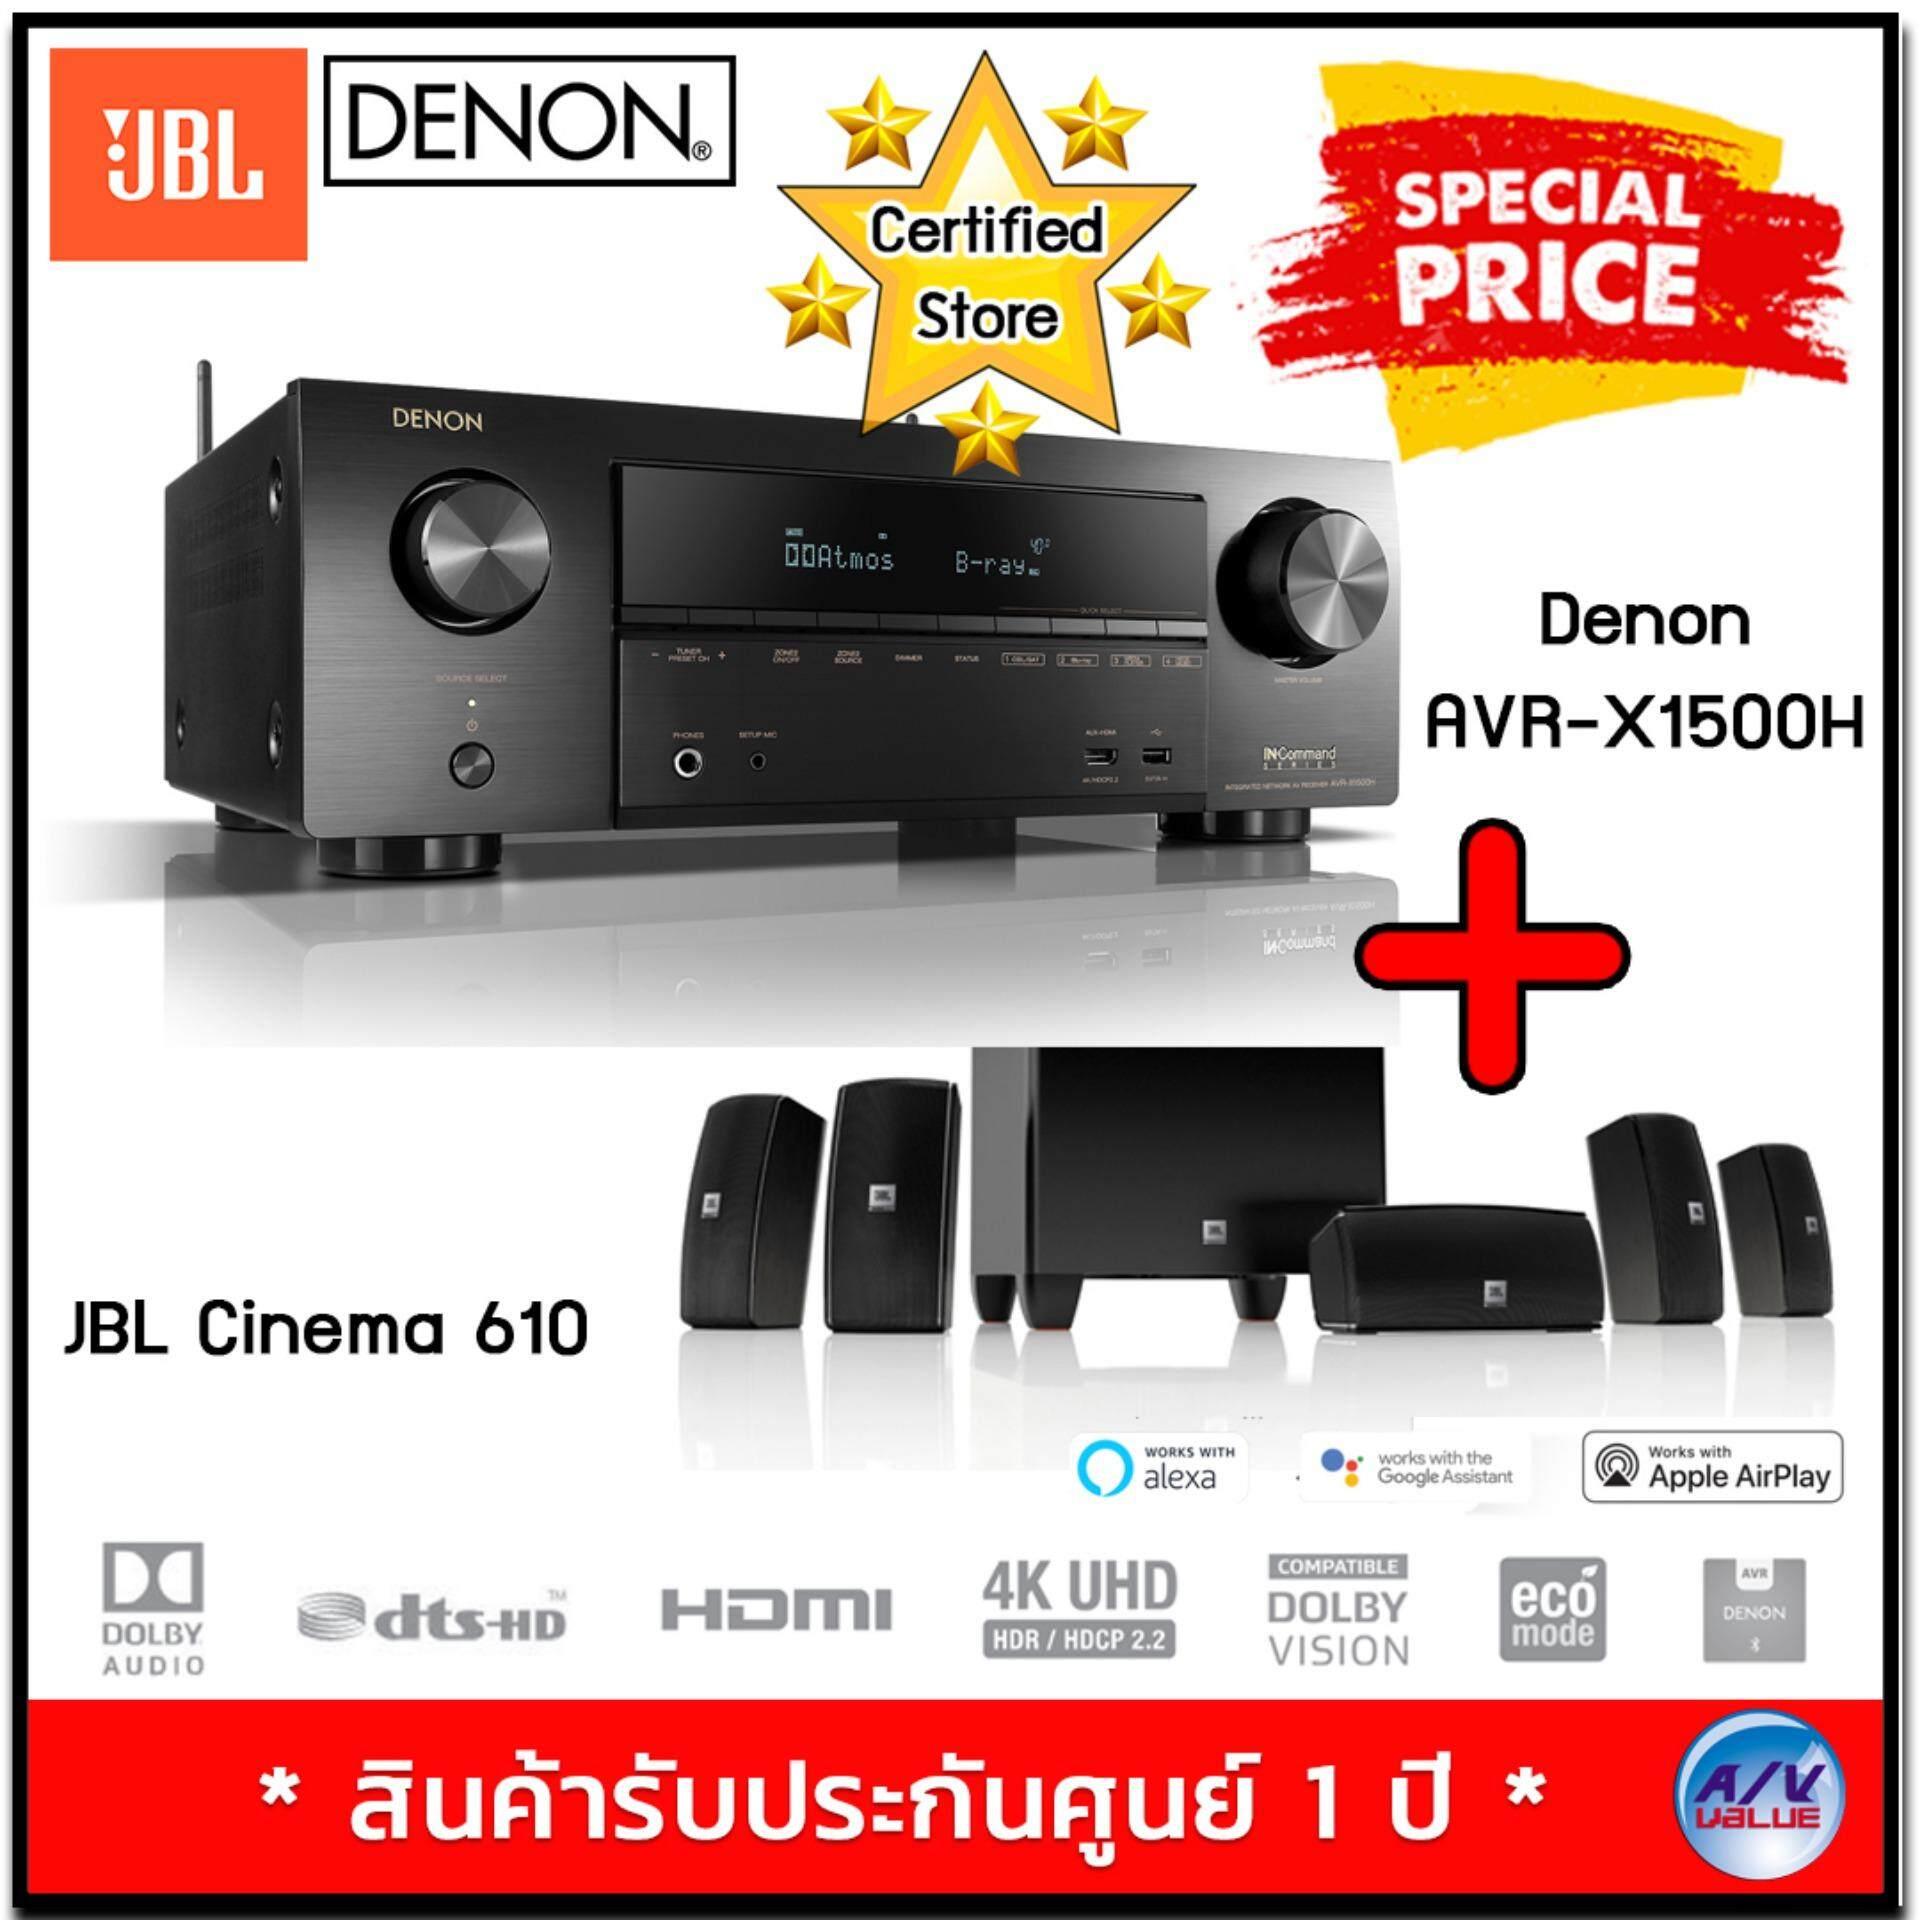 ลำพูน Denon AVR-X1500H 7.2 CH 80W 4K Ultra HD WiFi/Bluetooth AV Receiver + JBL CINEMA 610  Advanced 5.1 speaker system